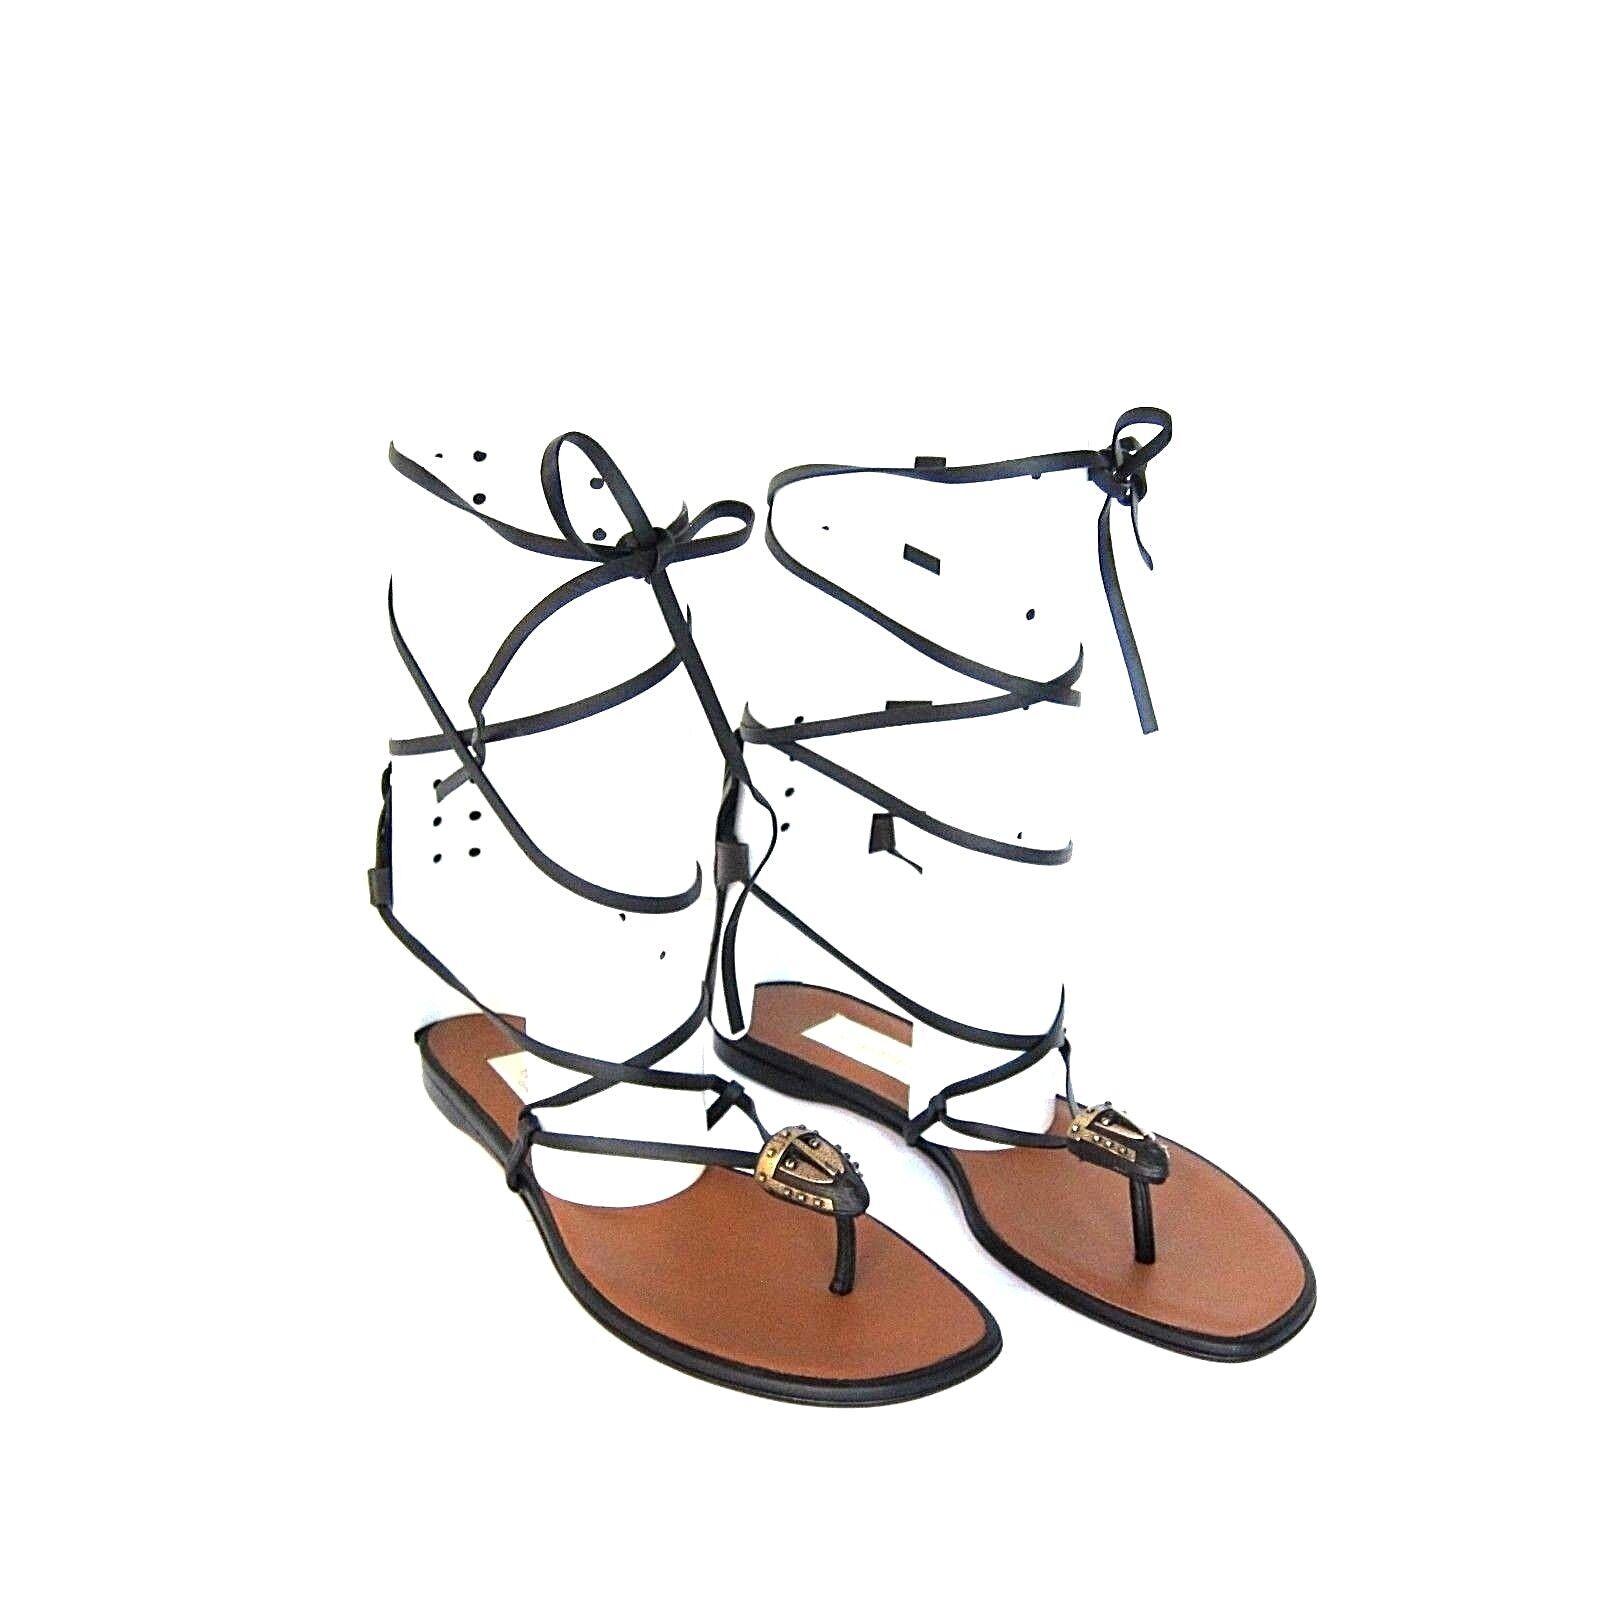 J-2433163 Nuevo Valentino Garavani con Cordones Piel Negra Calzado Sandalias Us